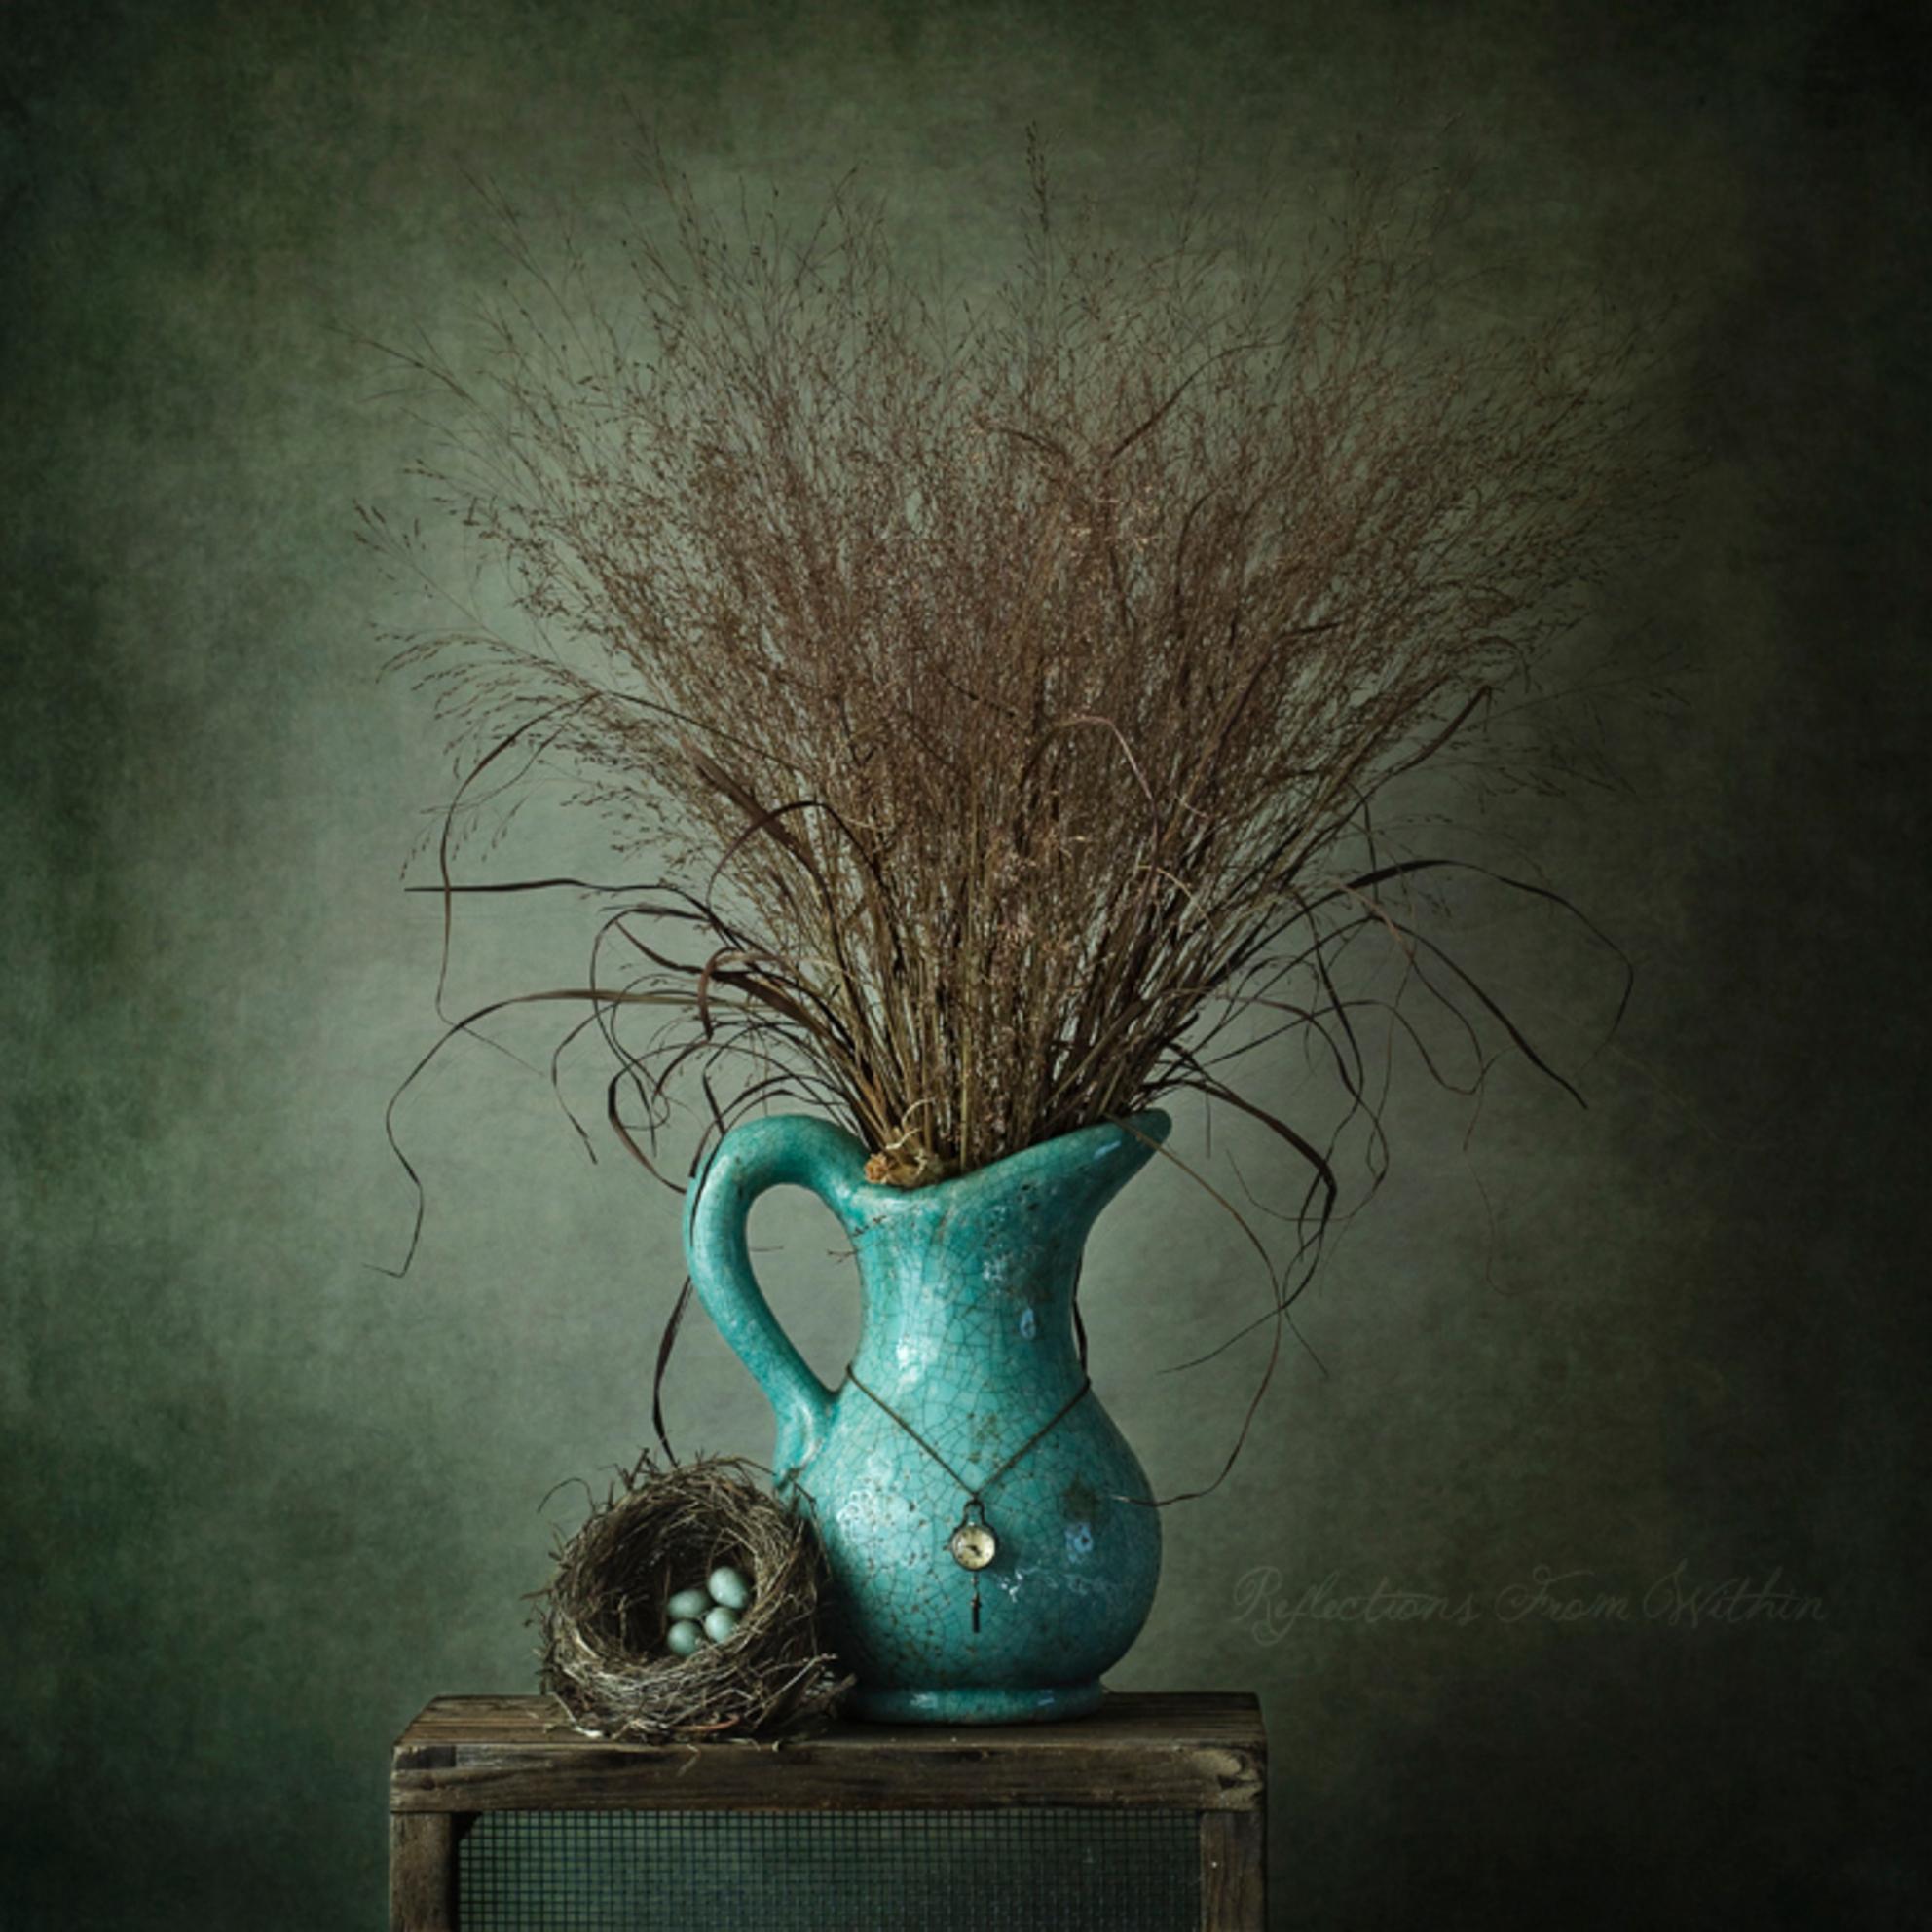 The Blues... - En nog een andere variatie op de blauwe vaas. Ik twijfel nog welke ik sterker vind dus ik laat ze beide even staan.   Laat ik wel even benadrukken  - foto door ReflectionsFromWithin op 05-05-2014 - deze foto bevat: oud, kleur, blauw, plant, lente, natuur, bruin, leven, merel, boeket, vogel, antiek, stilleven, voorjaar, kunst, art, ei, nest, klassiek, eieren, pluimen, vogelnest, eitjes, sereen, stills, schilderachtig, broeden, seizoen, sober, authentiek, fine art - Deze foto mag gebruikt worden in een Zoom.nl publicatie